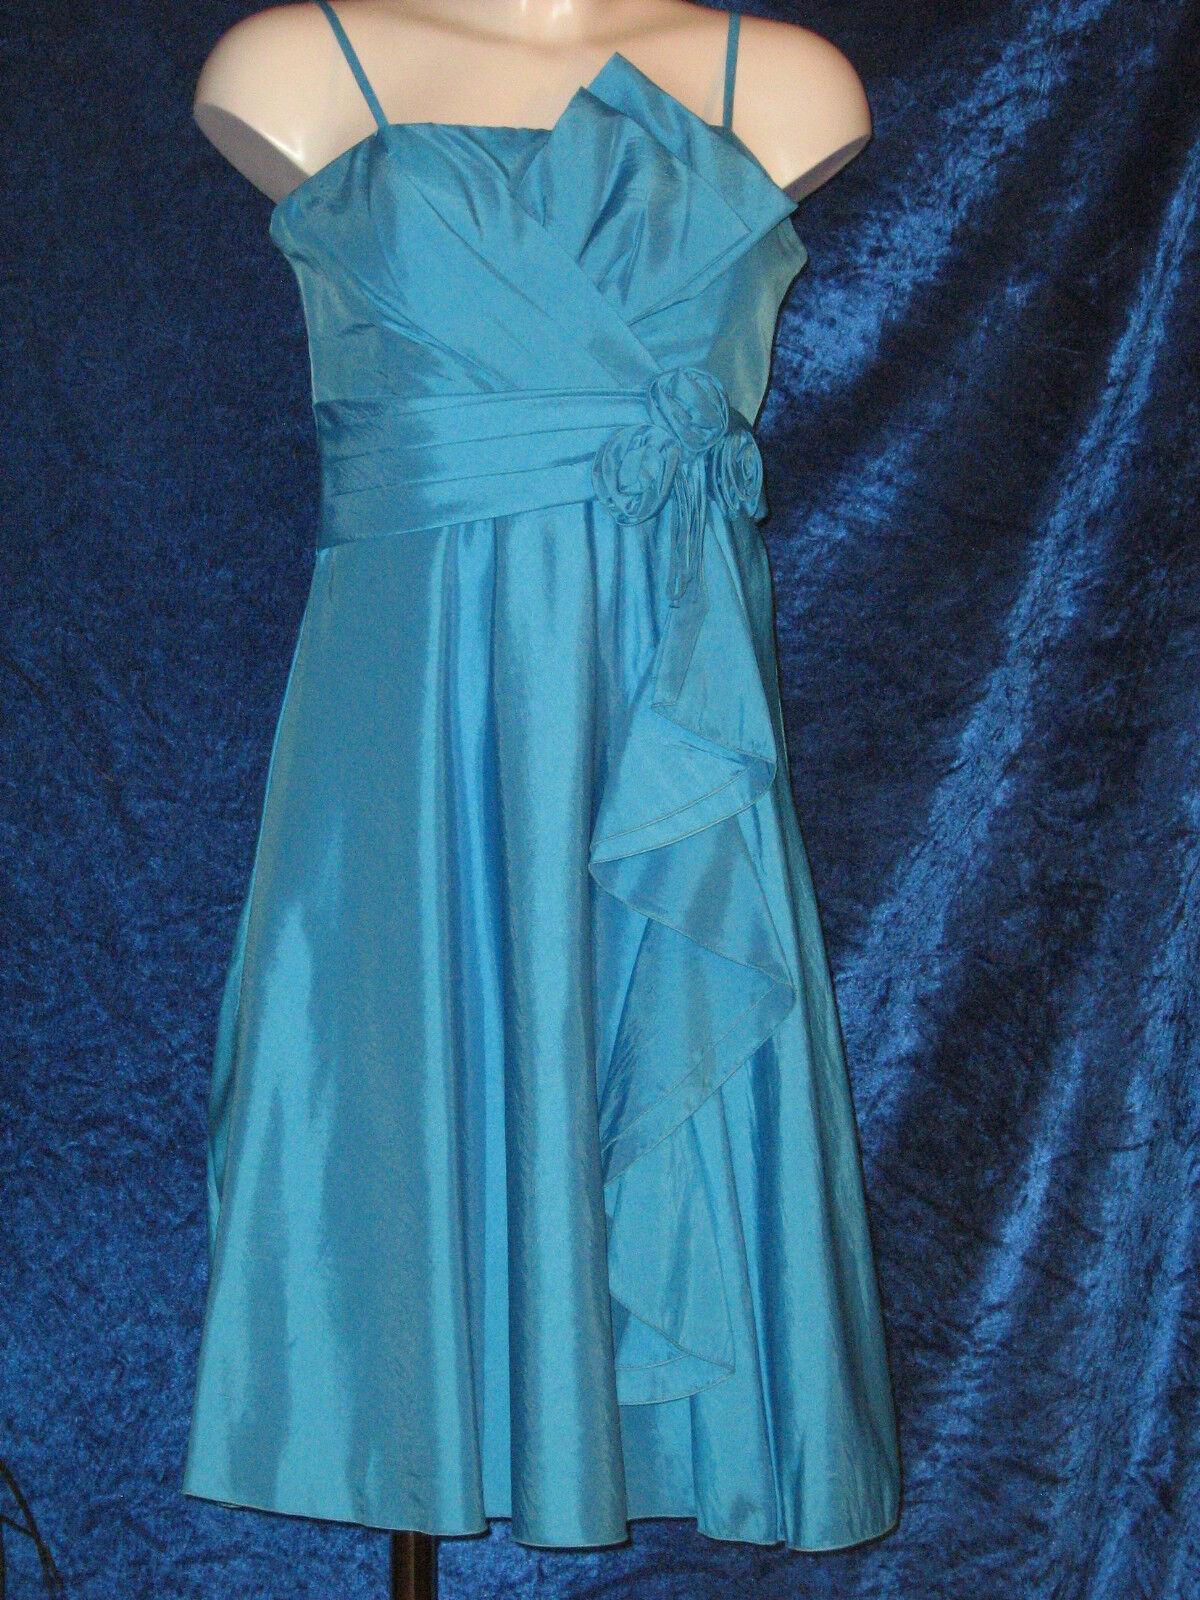 Sandri Line - Cocktail-Kleid - blau - Gr. 34